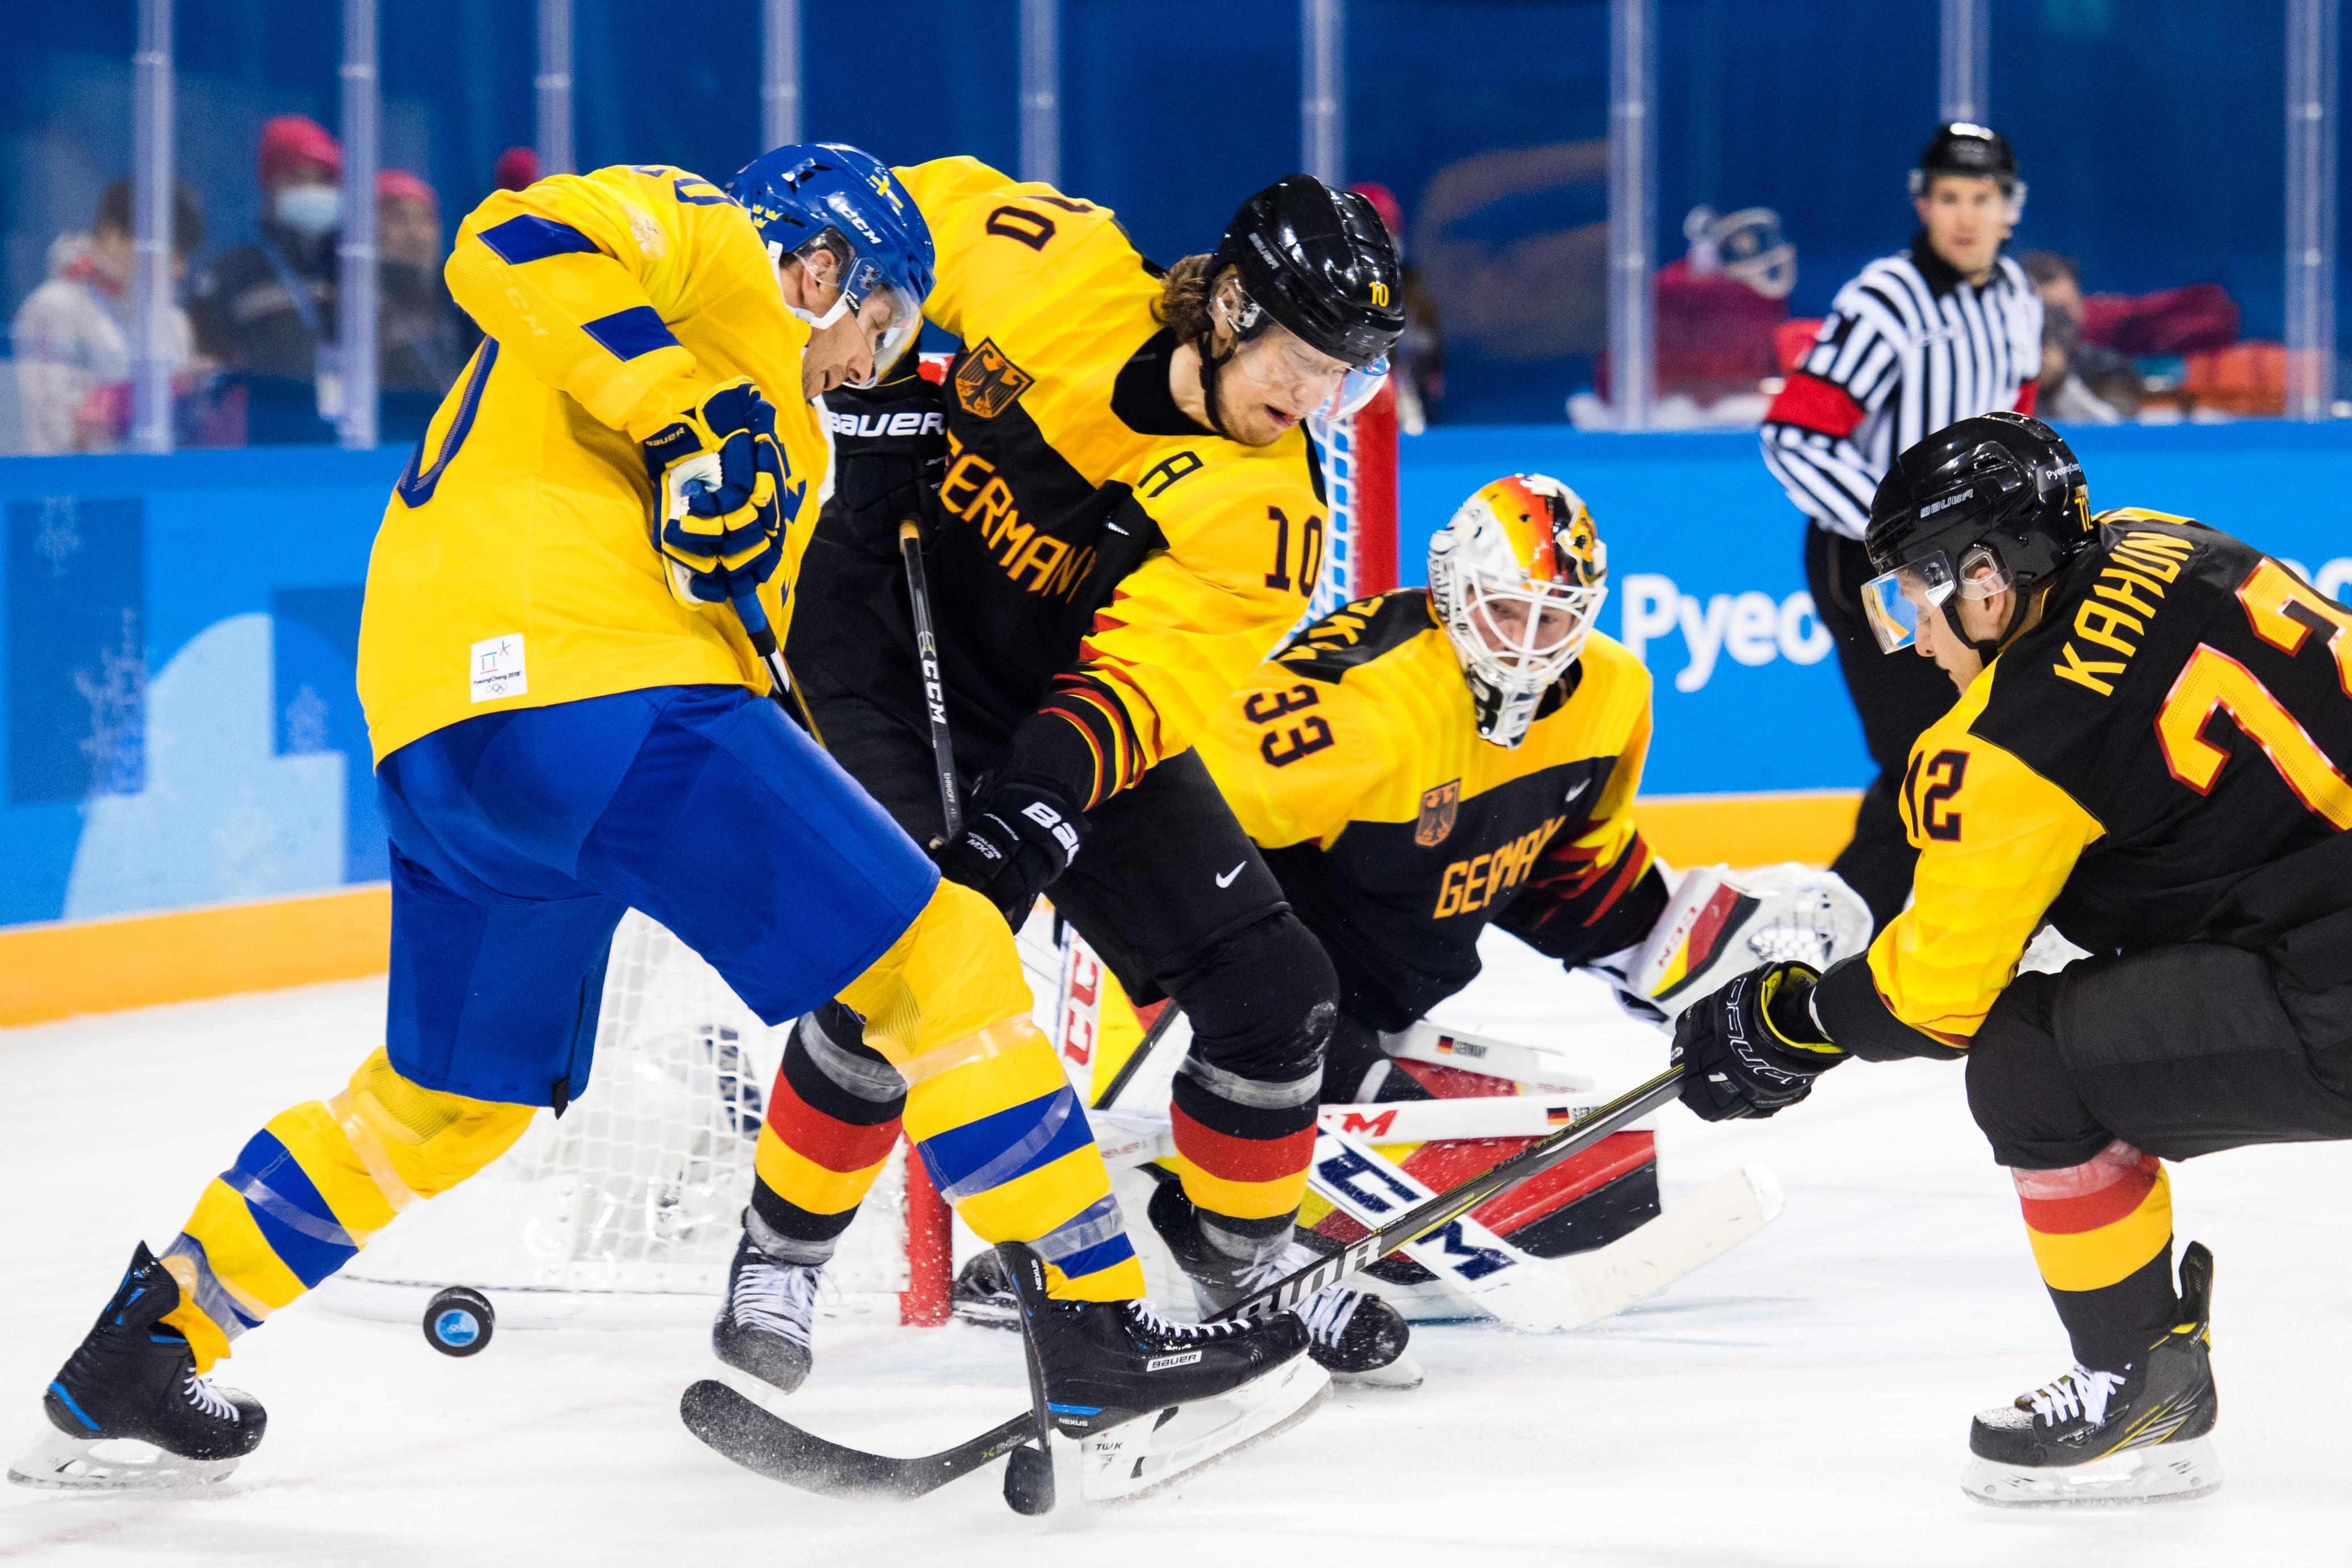 Fiaskot tyskland slog ut tre kronor i kvartsfinalen